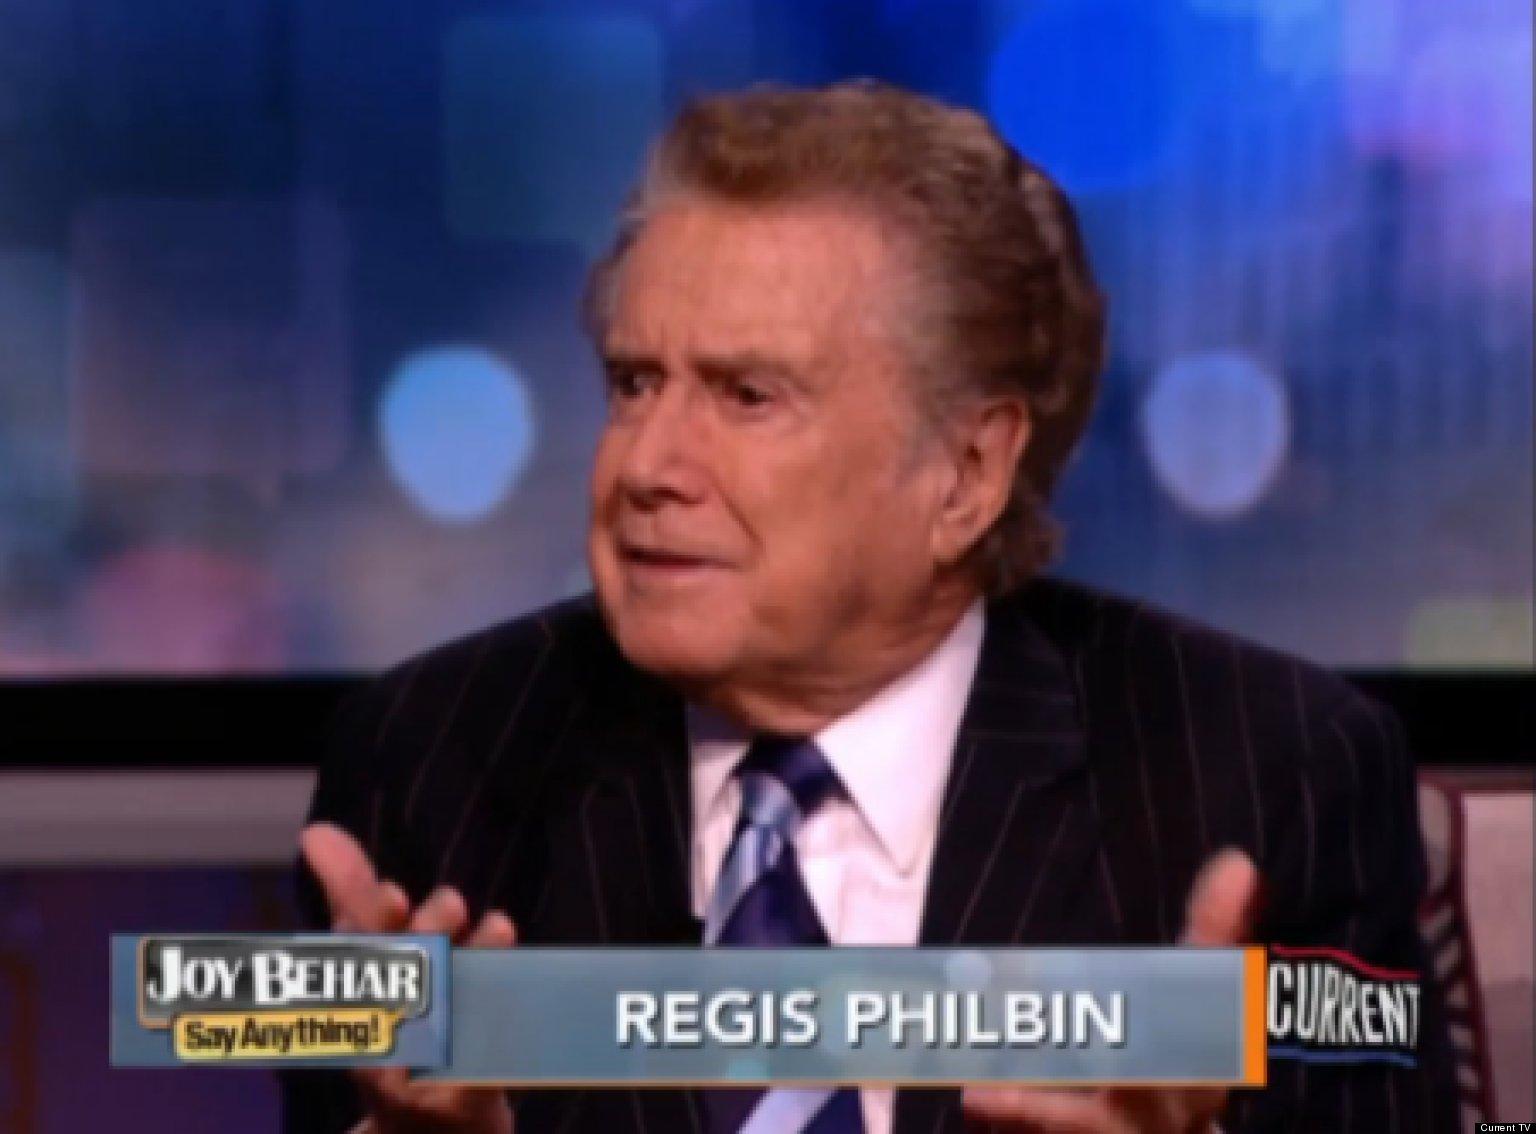 regis philbin pdfregis philbin youtube, regis philbin 2016, regis philbin – when you're smiling, regis philbin pdf, regis philbin net worth, regis philbin new show, regis philbin larry king, regis philbin instagram, regis philbin, regis philbin age, regis philbin height, regis philbin who wants to be a millionaire, regis philbin biography, regis philbin and kelly ripa, regis philbin dead, regis philbin house, regis philbin twitter, regis philbin news, regis philbin grandchildren, regis philbin 2015